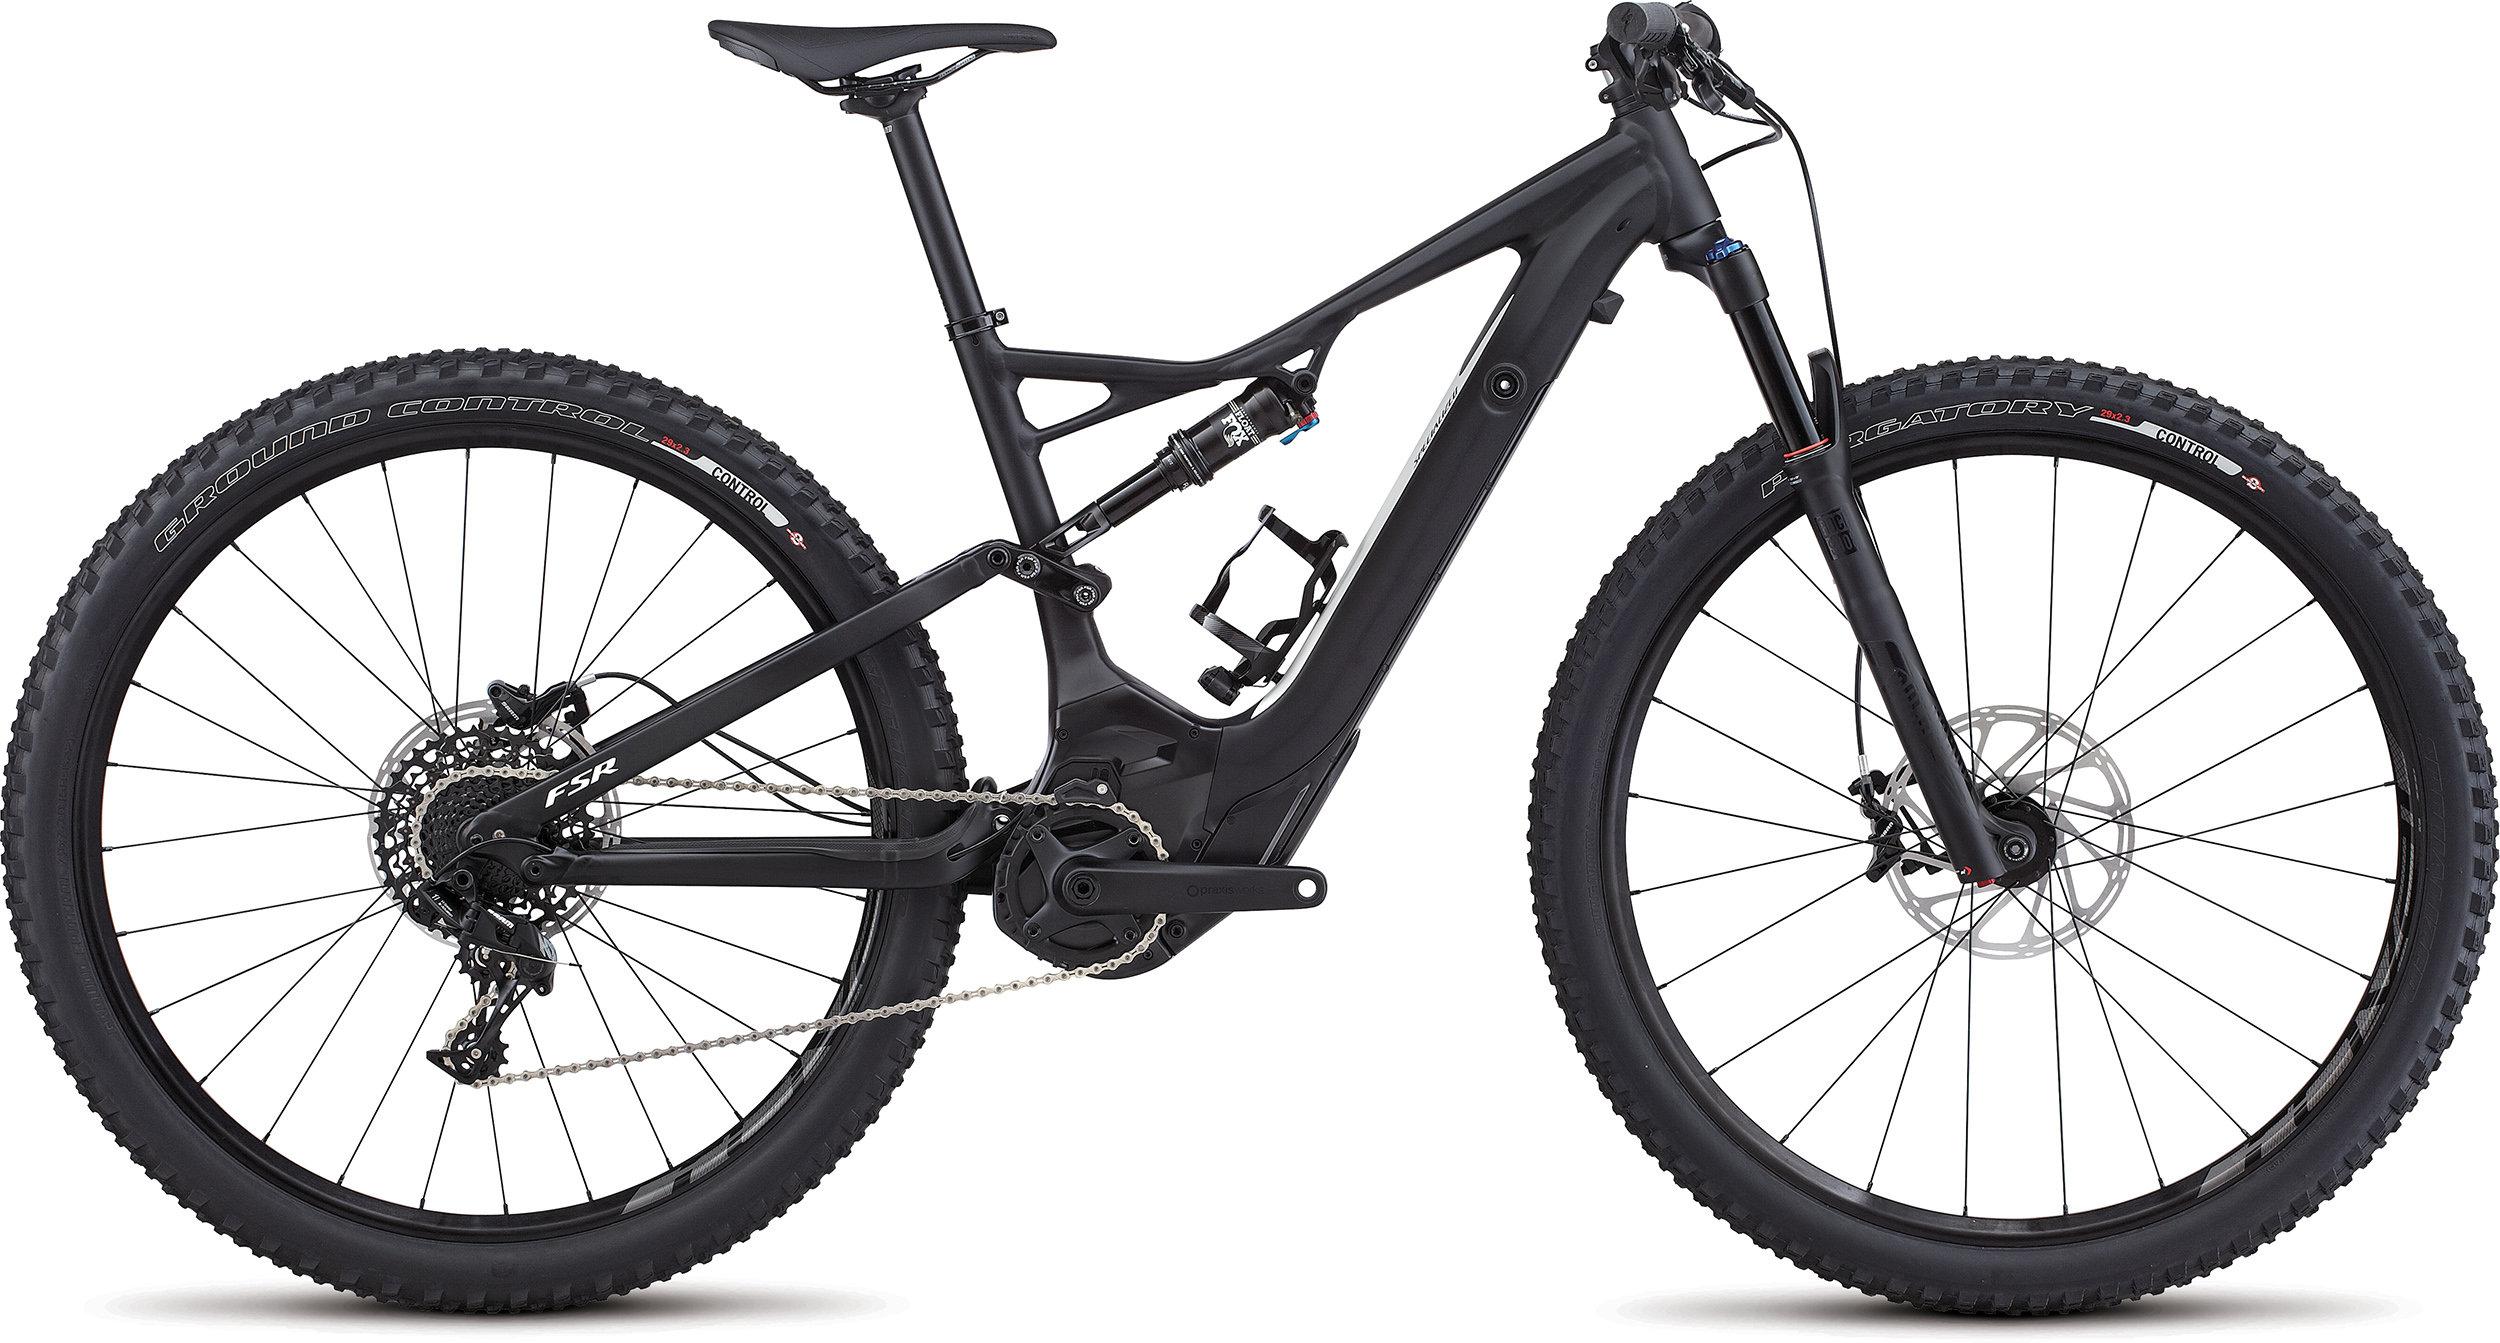 SPECIALIZED LEVO FSR ST 29 CE BLK/WHT L - Bike Zone